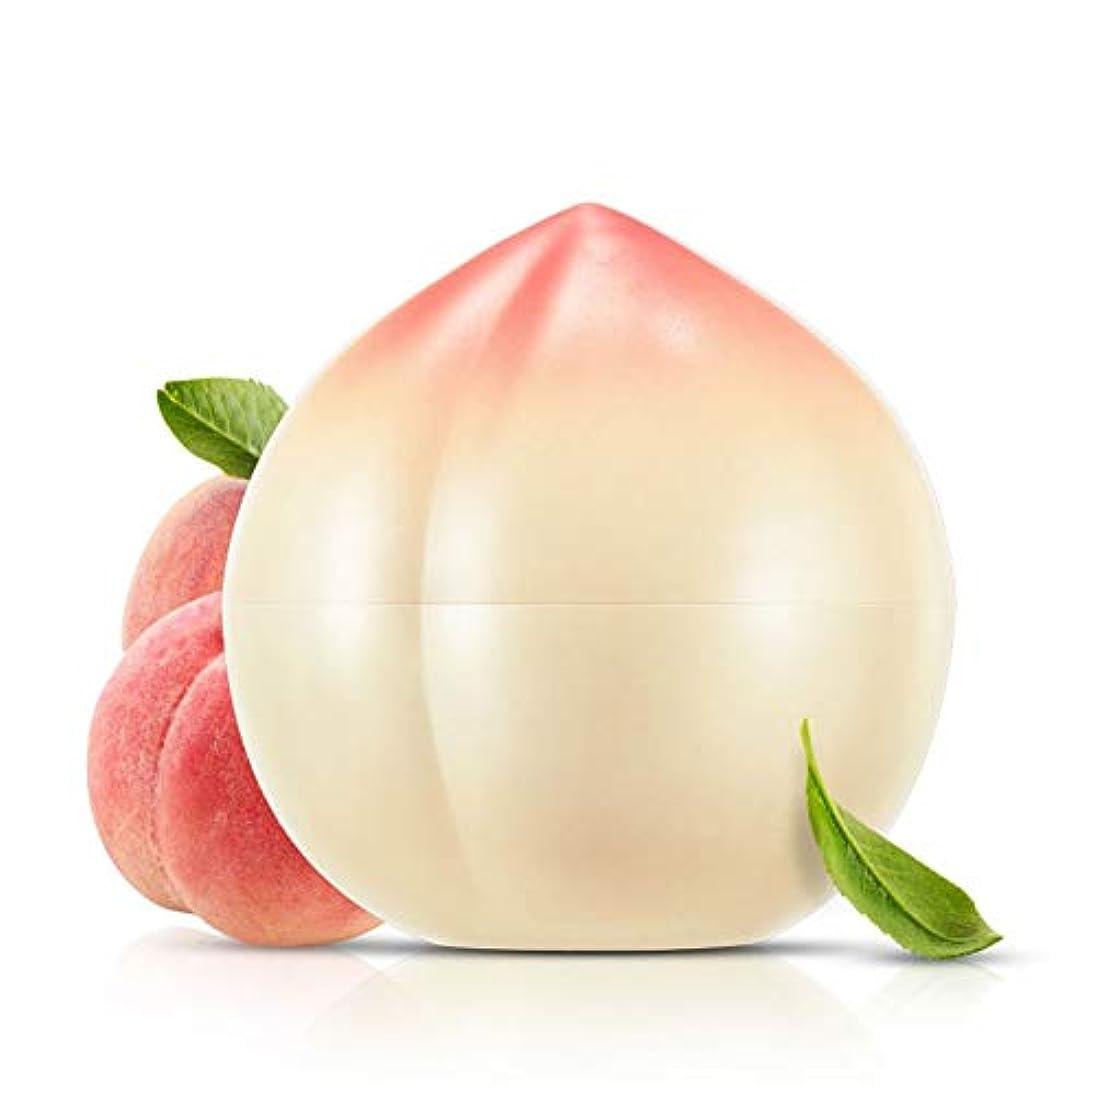 クラシック固めるガジュマルAlluole Peach Hand Cream Moisturizer for Dry Cracked Hands Anti-aging Skin Care 40ml